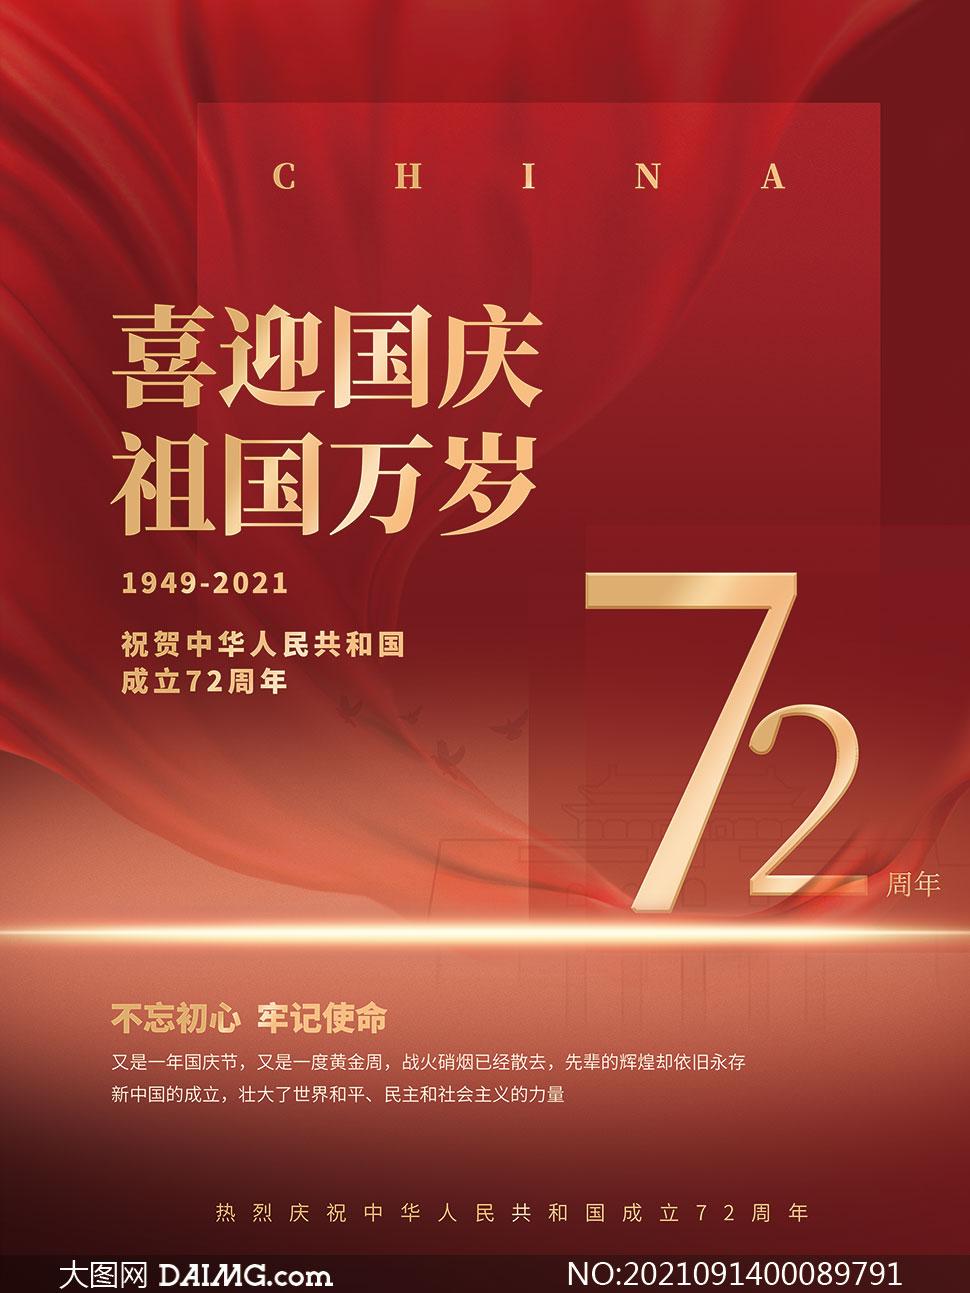 喜迎国庆72周年宣传单模板PSD素材